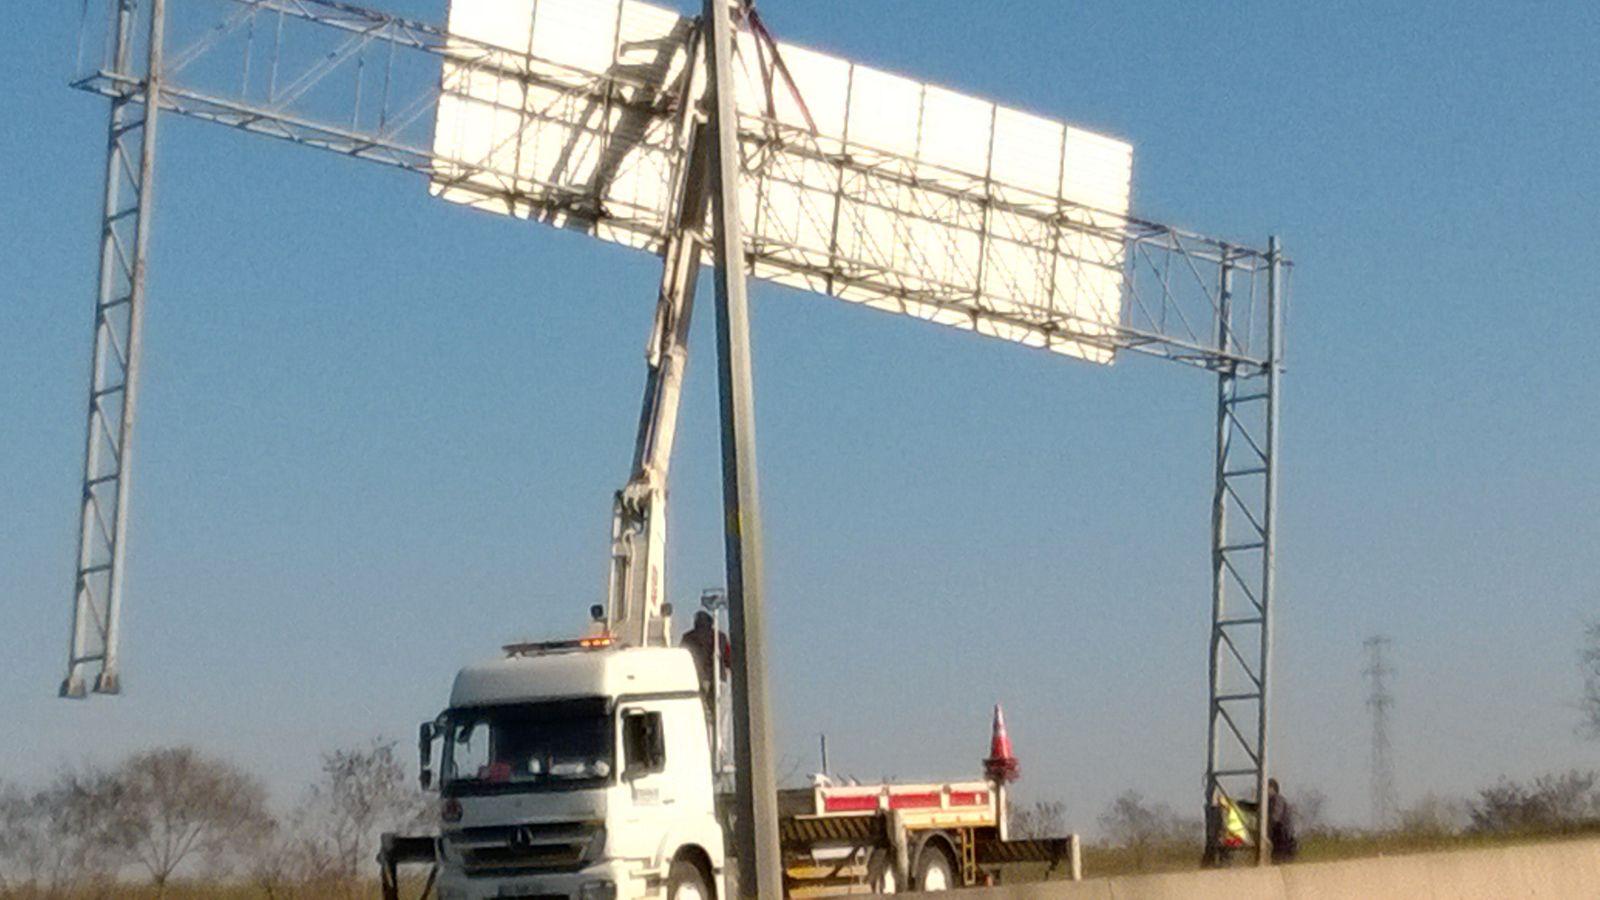 ... hier wurde kurz der Verkehr auf der Gegenspur angehalten und dieses Schild demontiert.